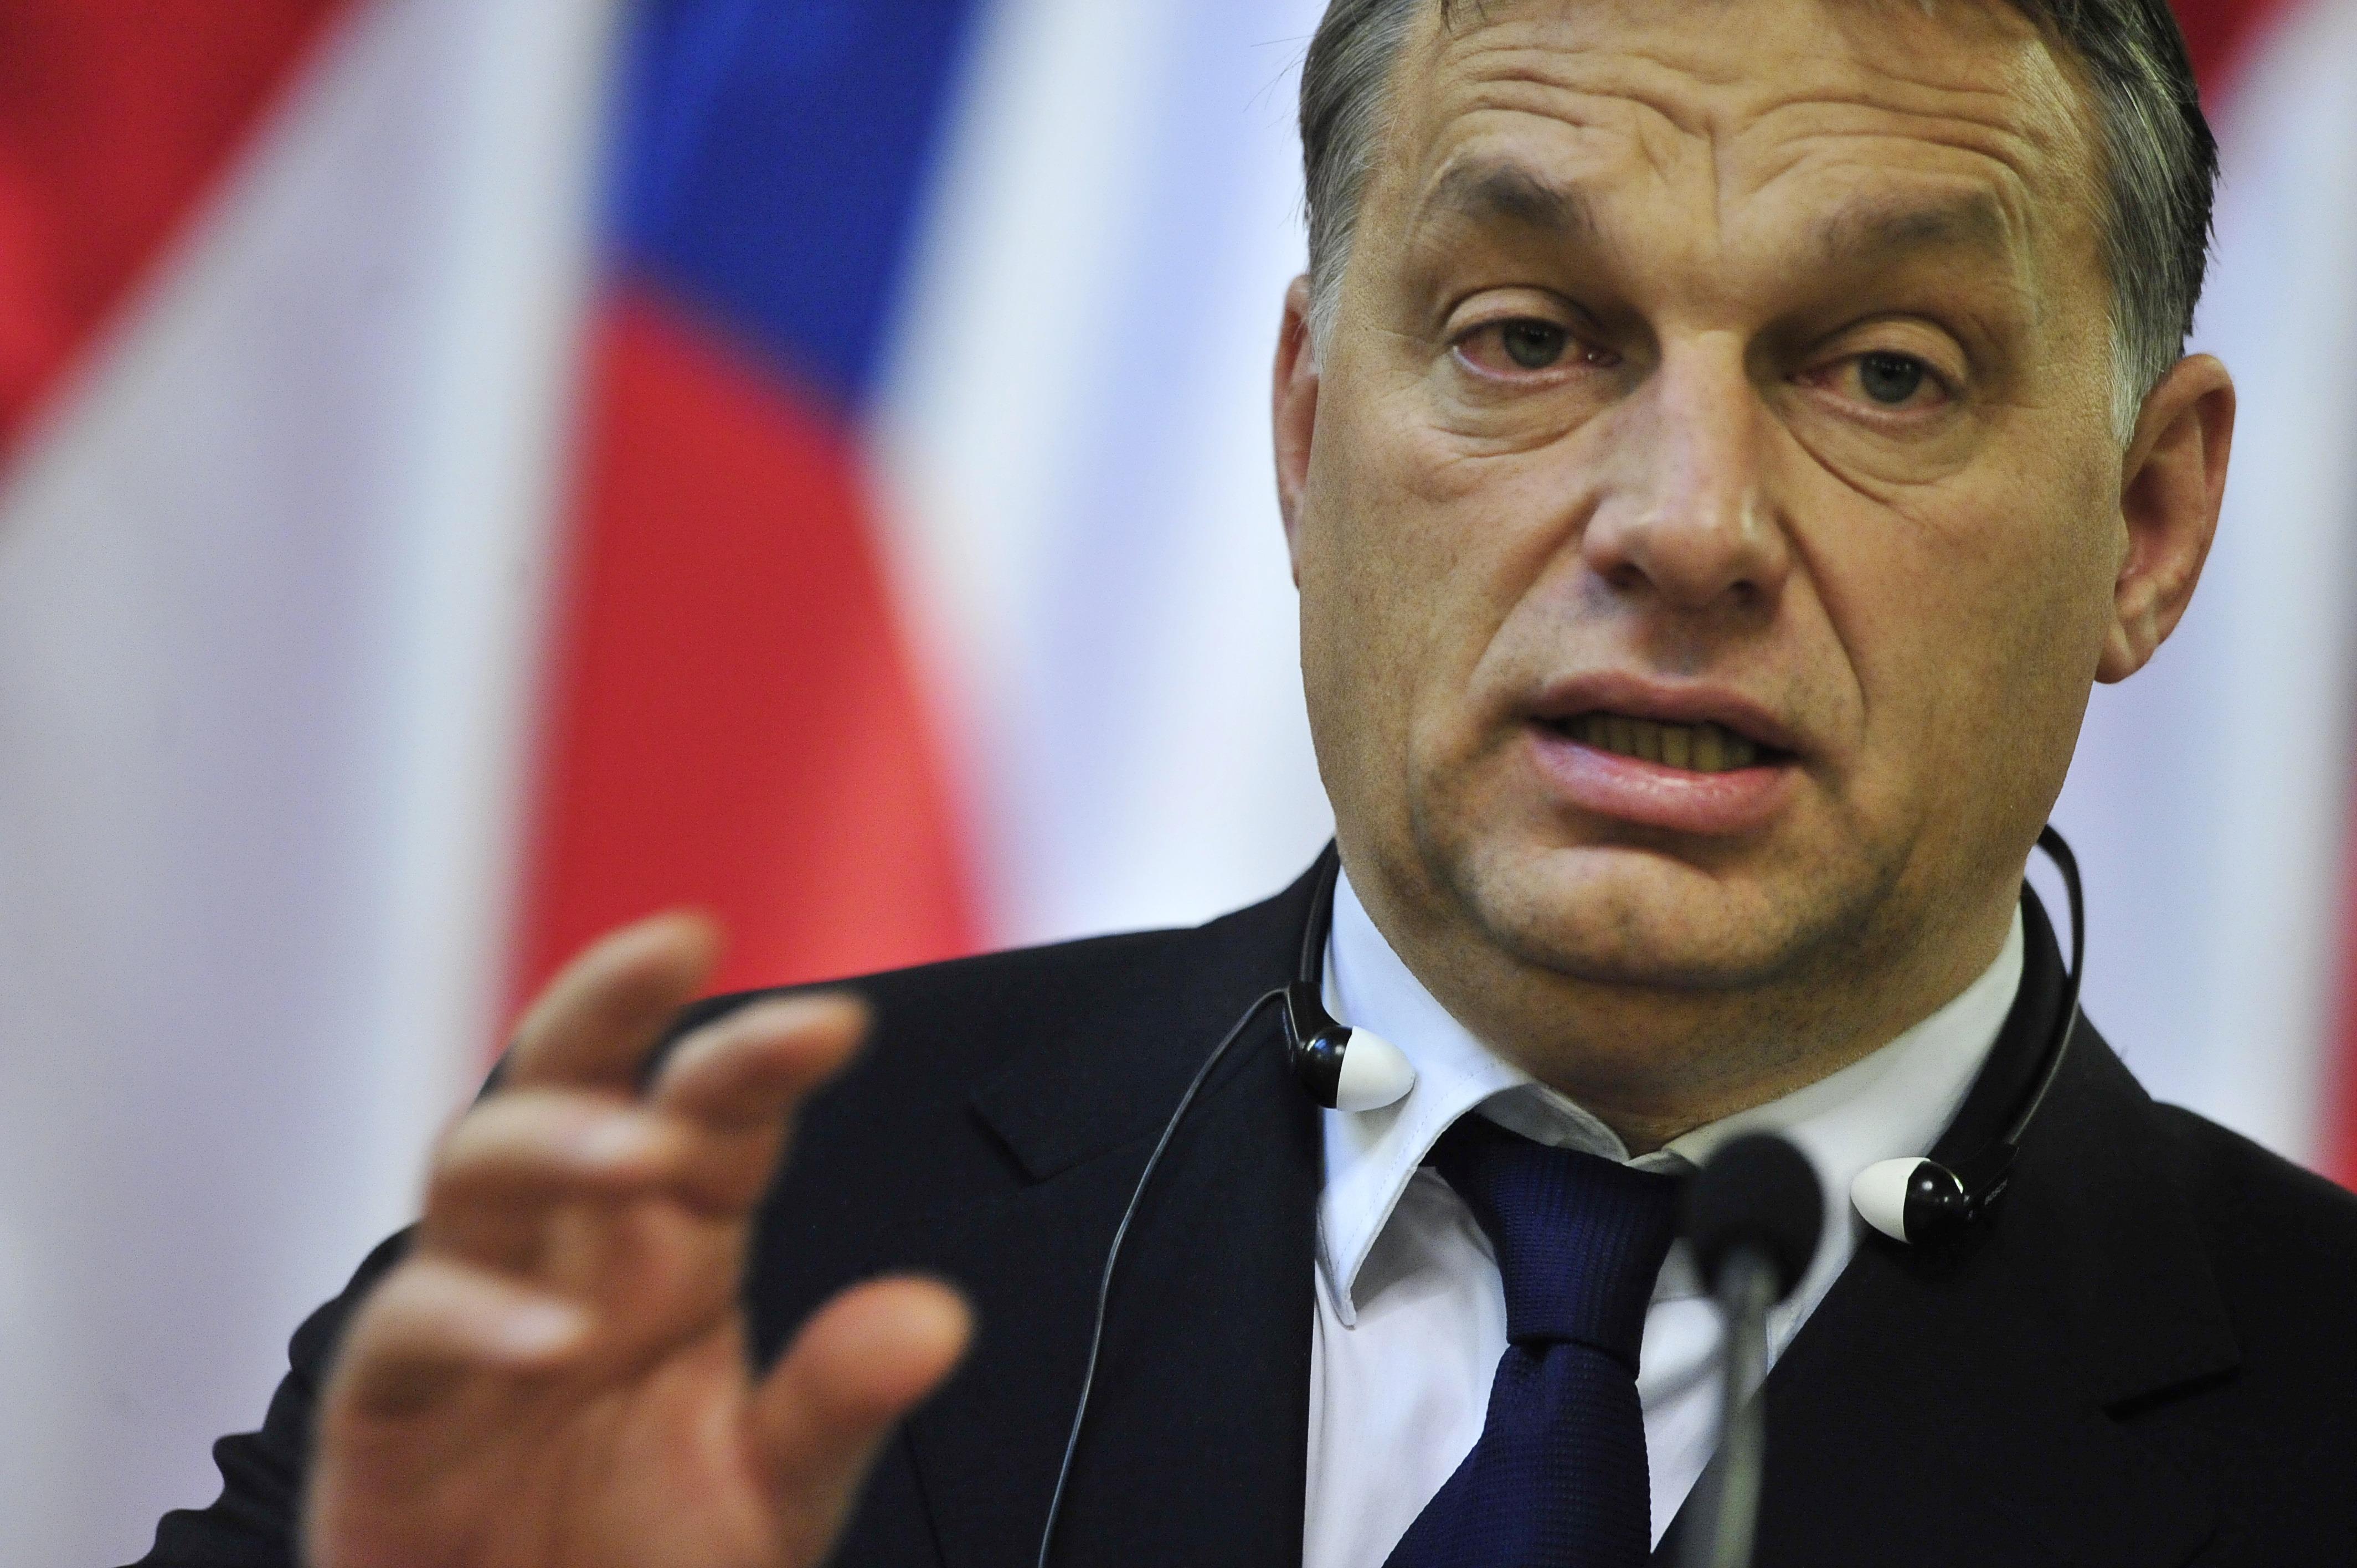 Il premier dell'Ungheria Viktor Orbán su migranti alza muri di filo spinato, gli altri paesi muri di militari